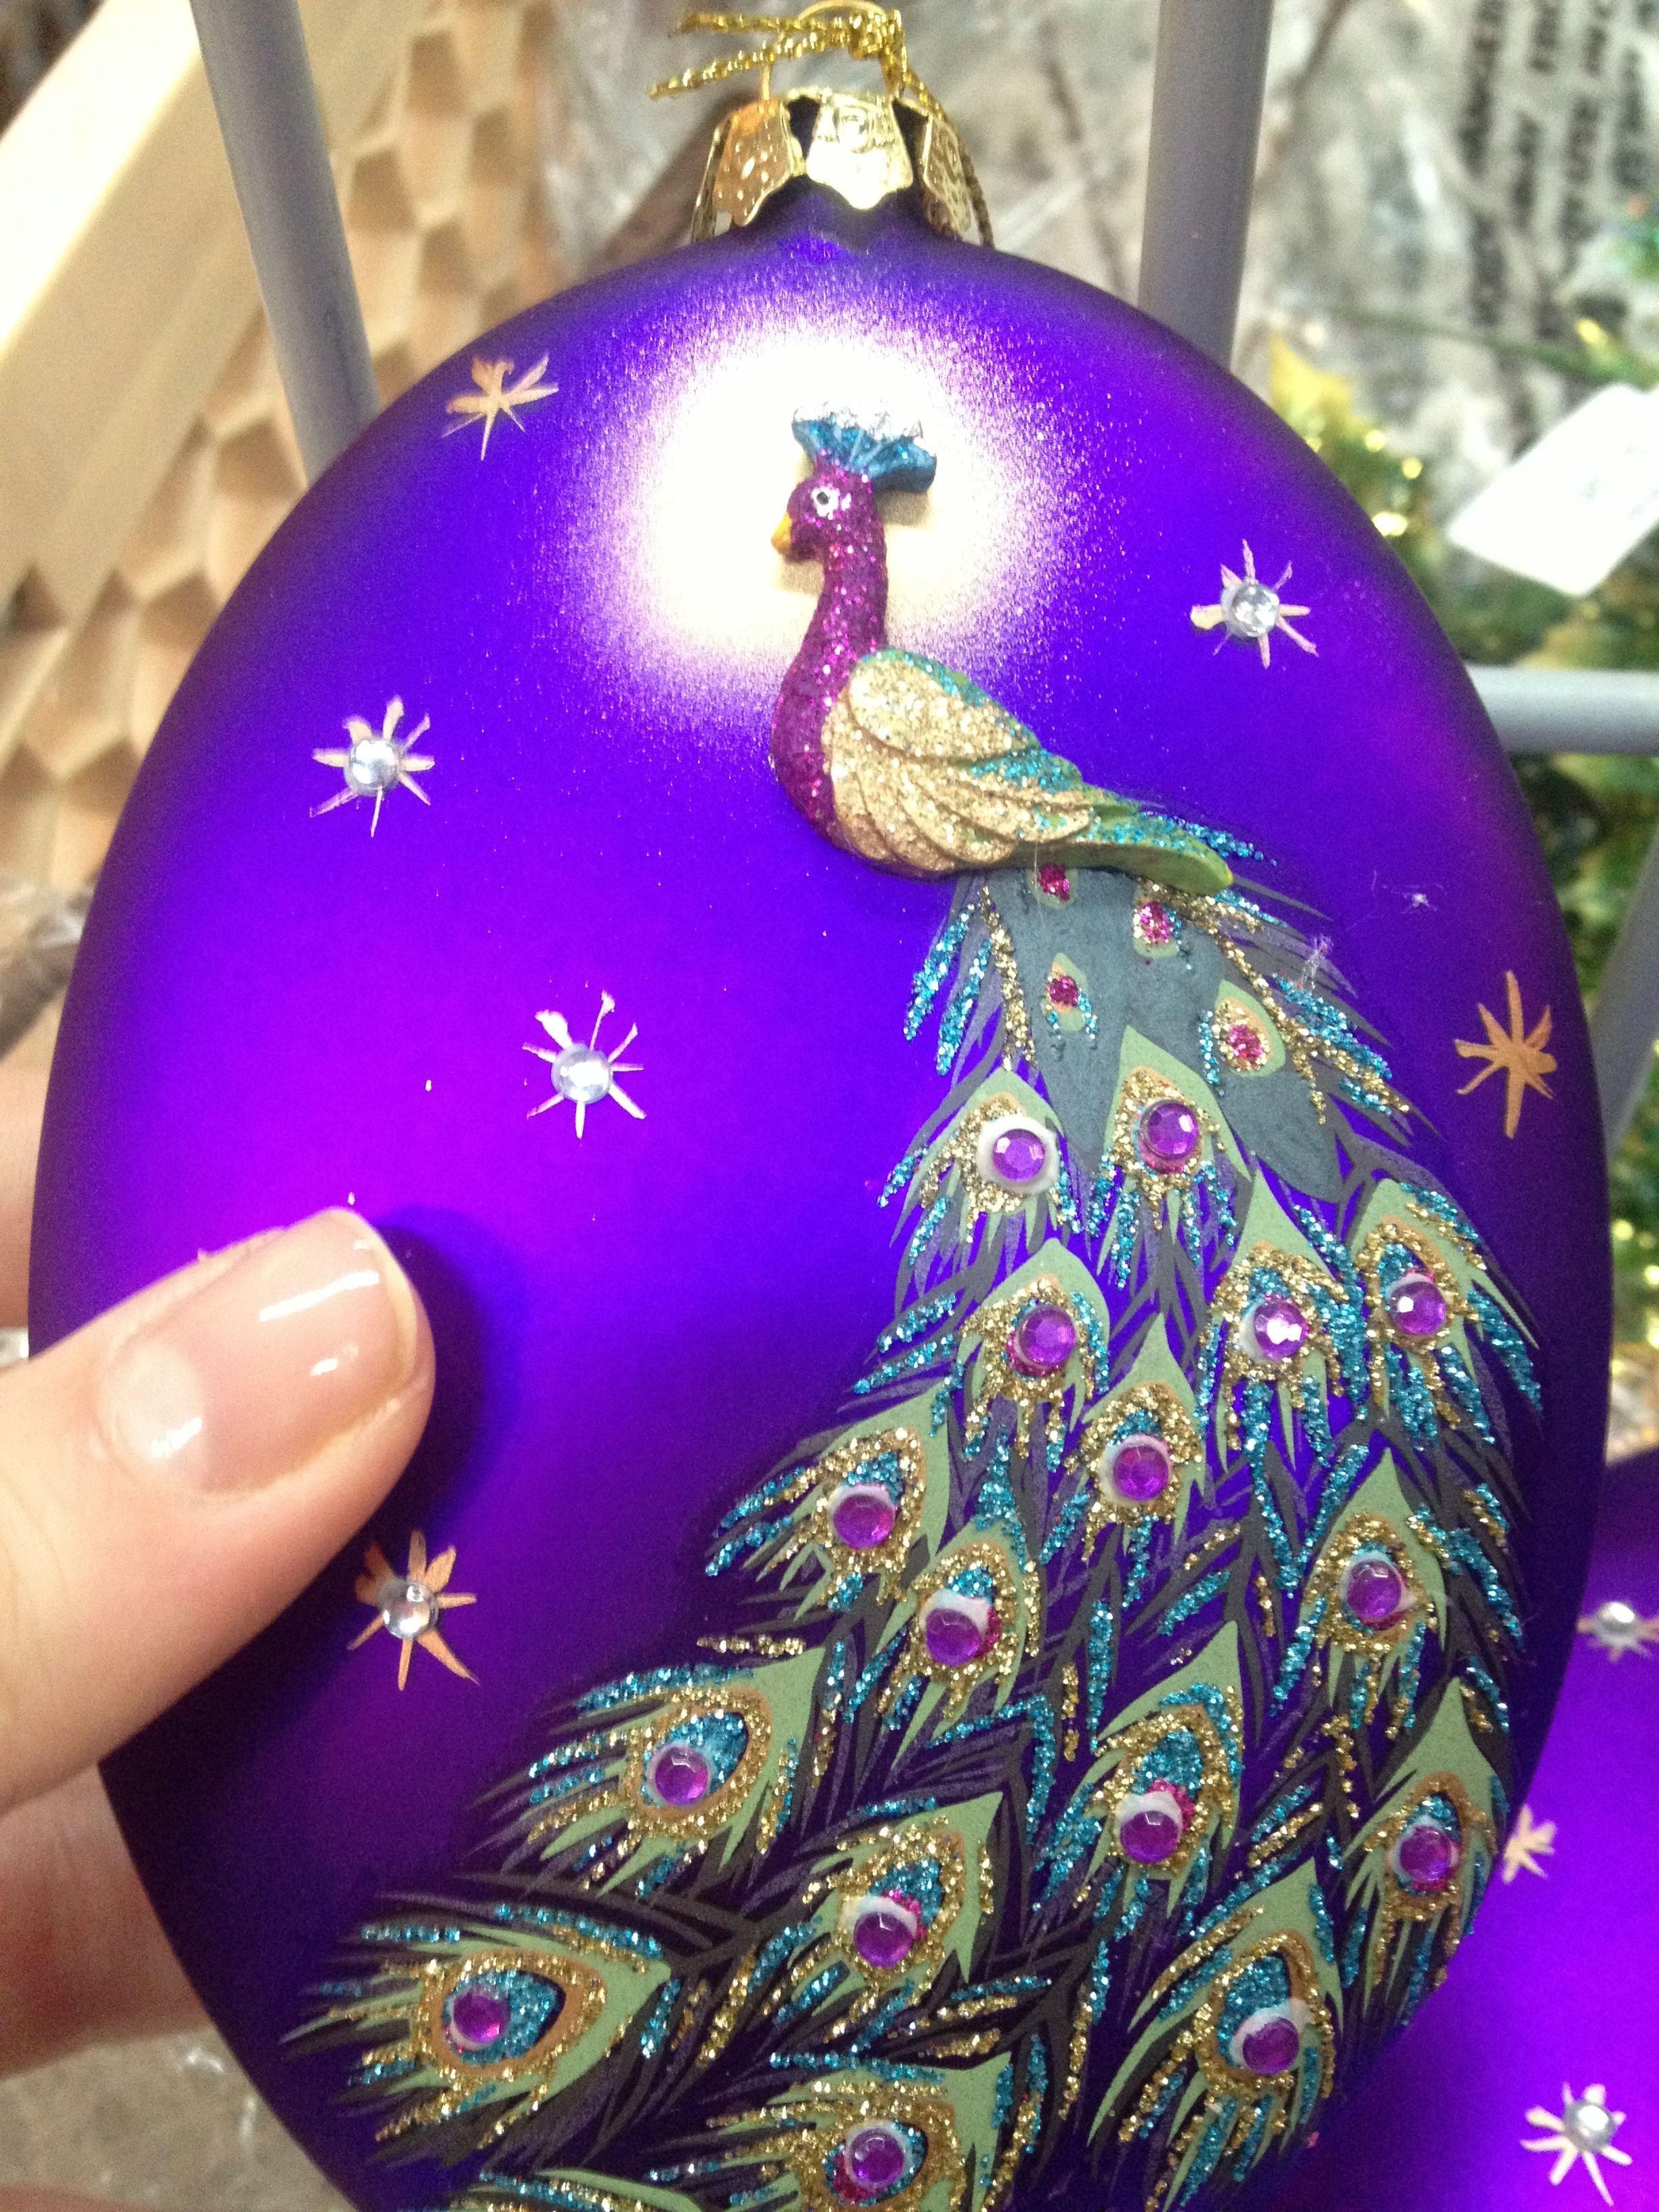 christmas 2012 peacock ornament at stats pasadena ca